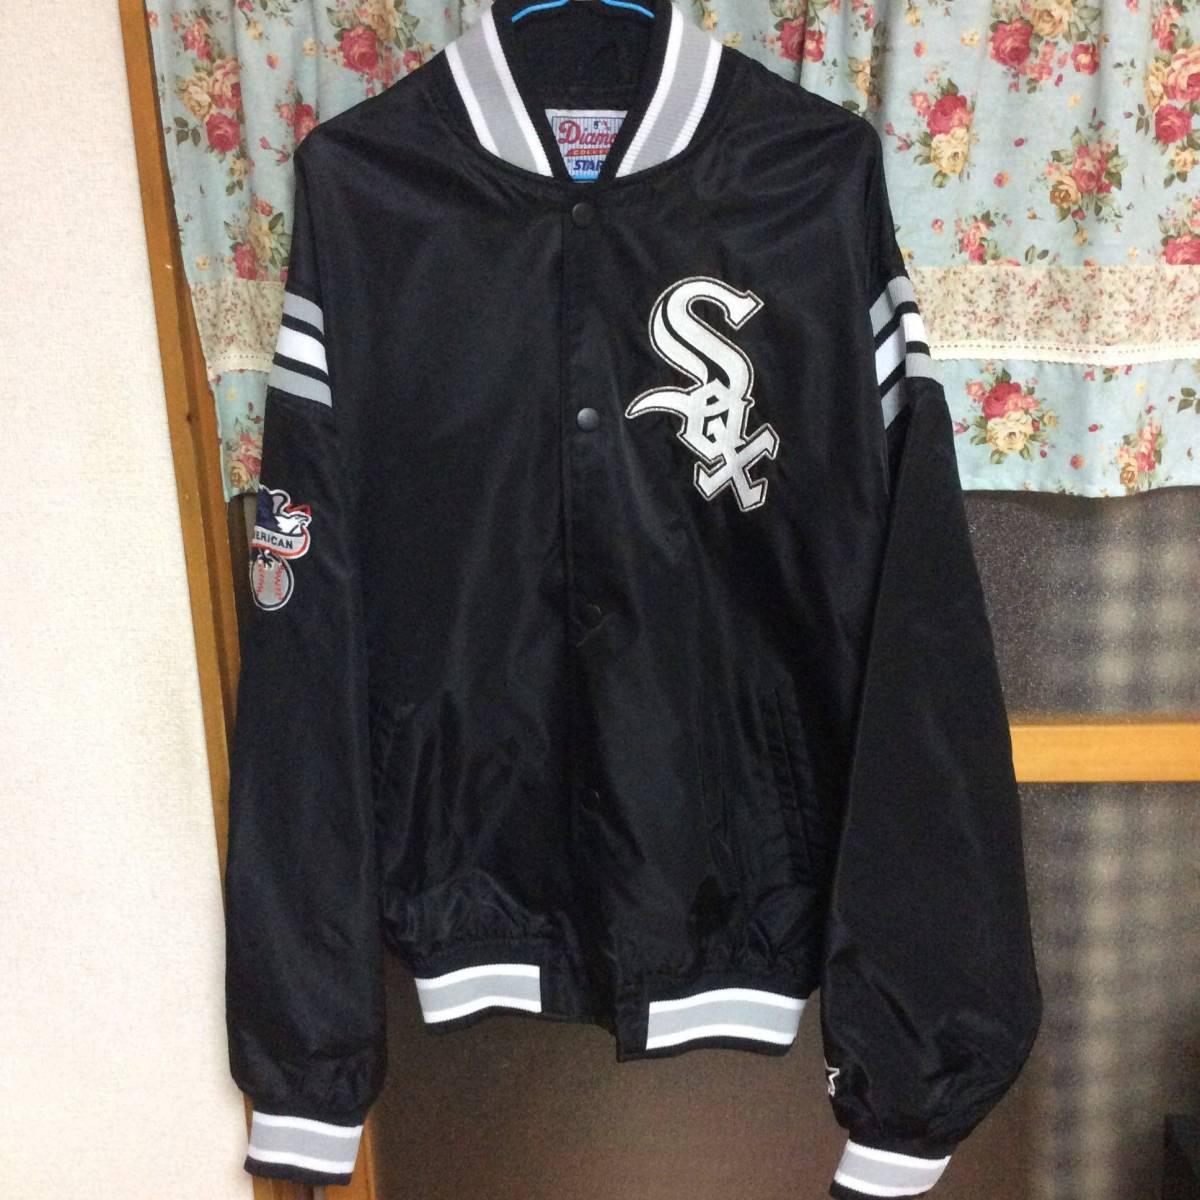 デットストック シカゴ ホワイトソックス ジャケット スターター MLB XL マイケル ジョーダン ジャンパー メジャーリーグ フランクトーマス グッズの画像